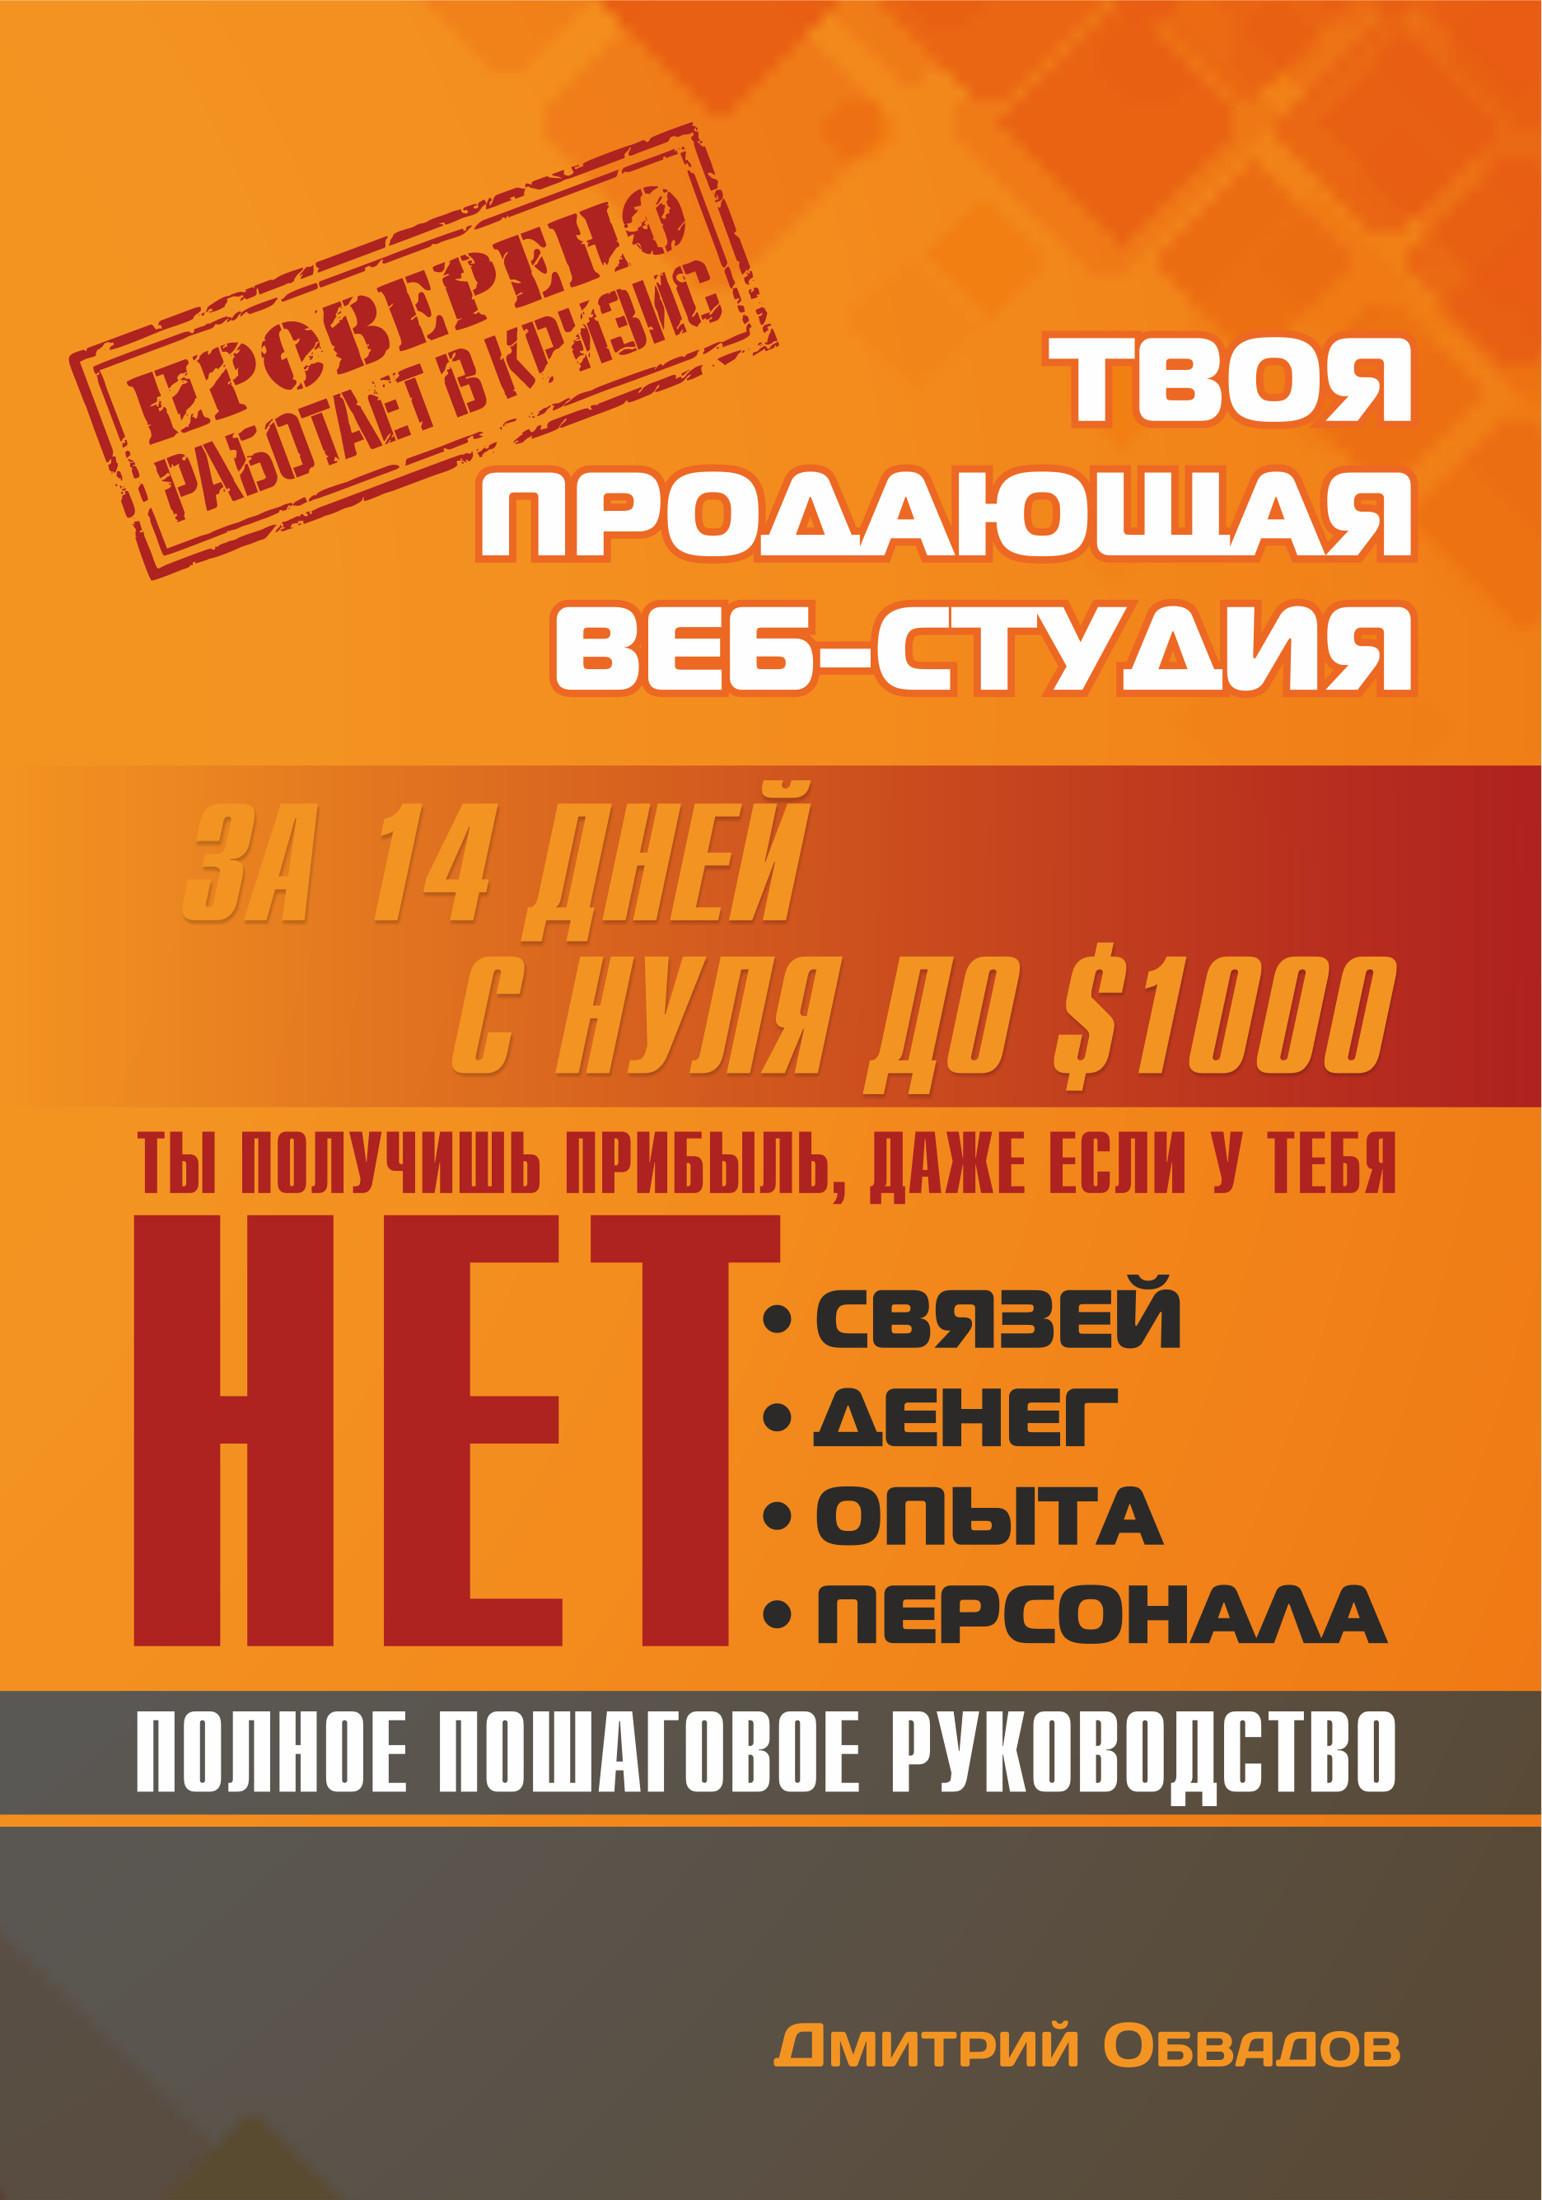 фото обложки издания Твоя продающая веб-студия за 14 дней | Пошаговое руководство, которое работает в кризис